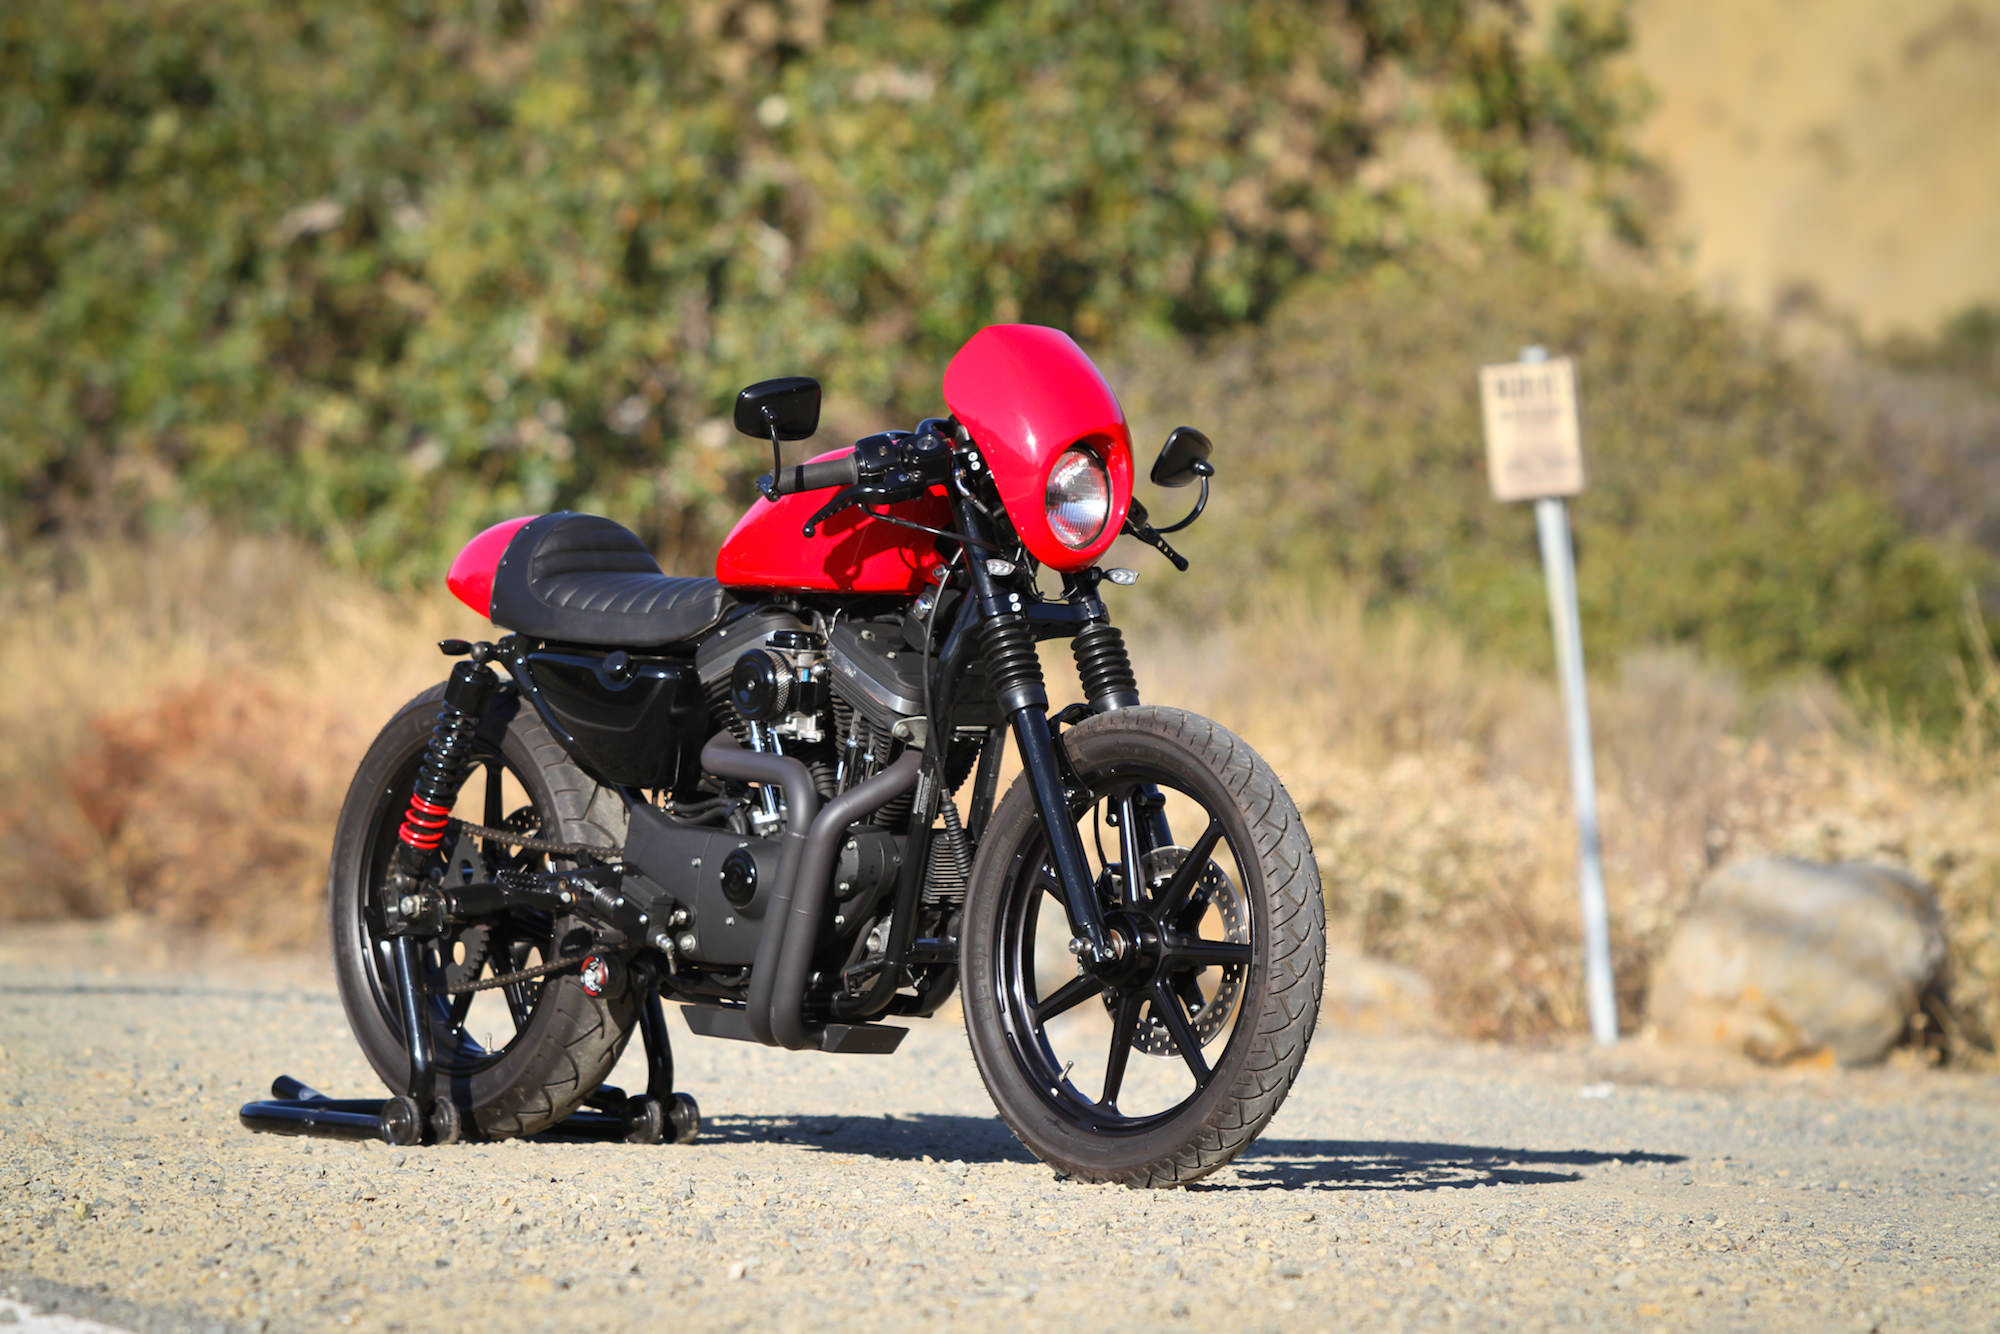 Harley Davidson Sportster Cafe Racer 2